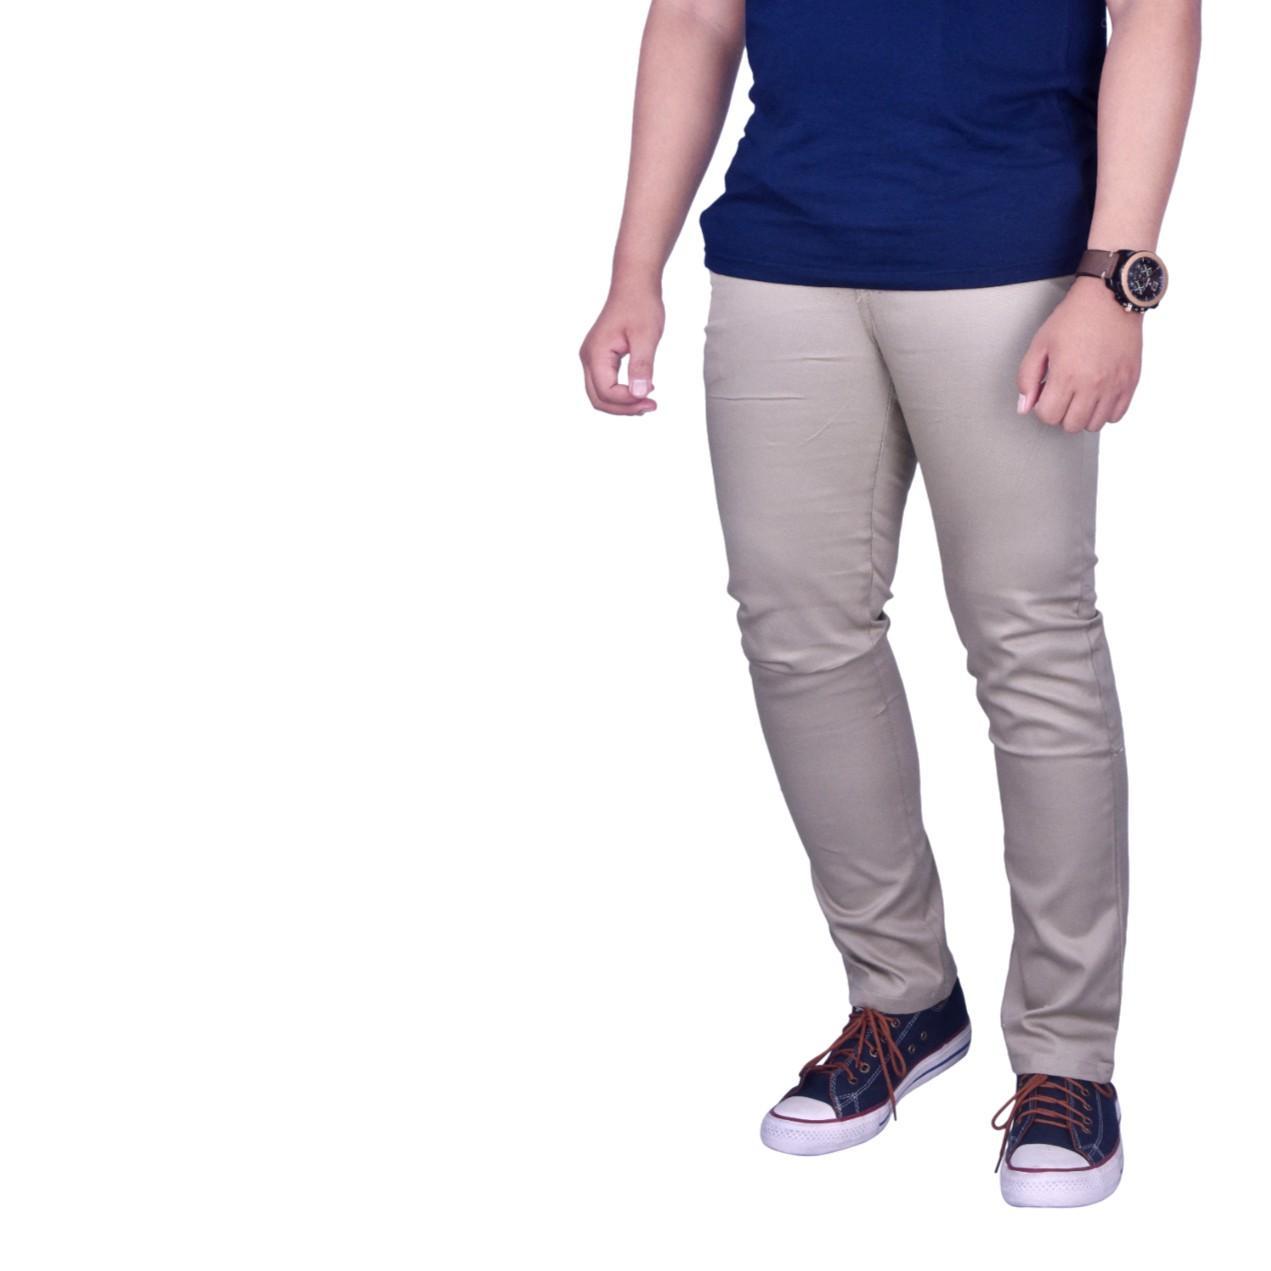 Dgm_Fashion1 Celana Panjang Chinos Cream Best Seller/Celana Panjang Chinos/Celana Chino Import /